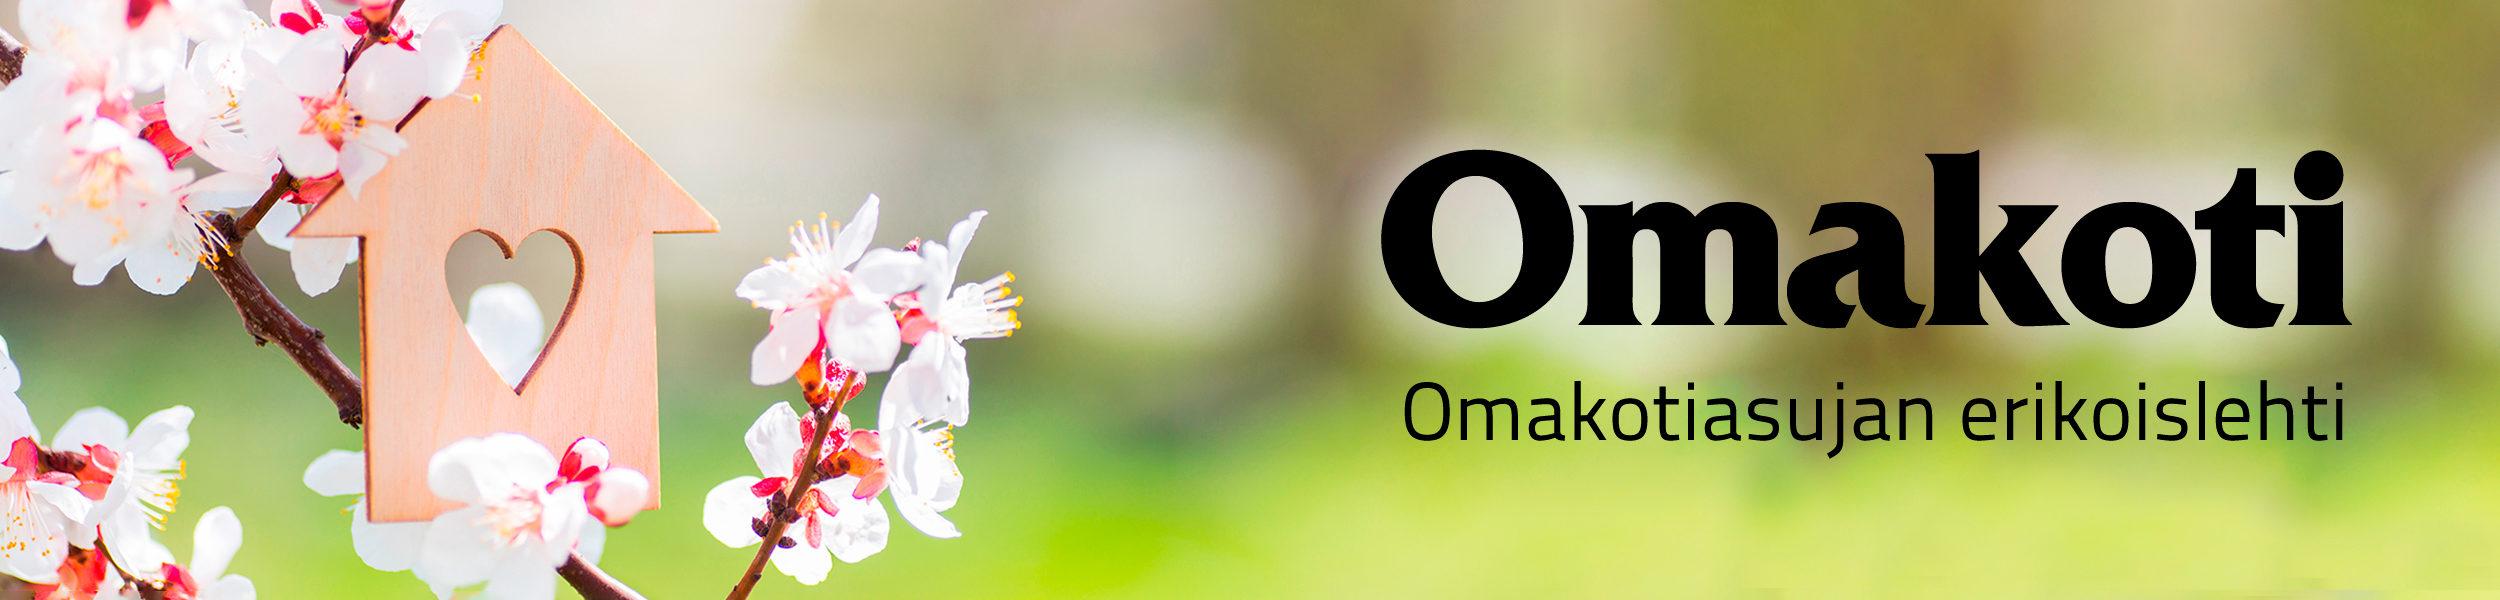 cropped-omakoti_banneri.jpg